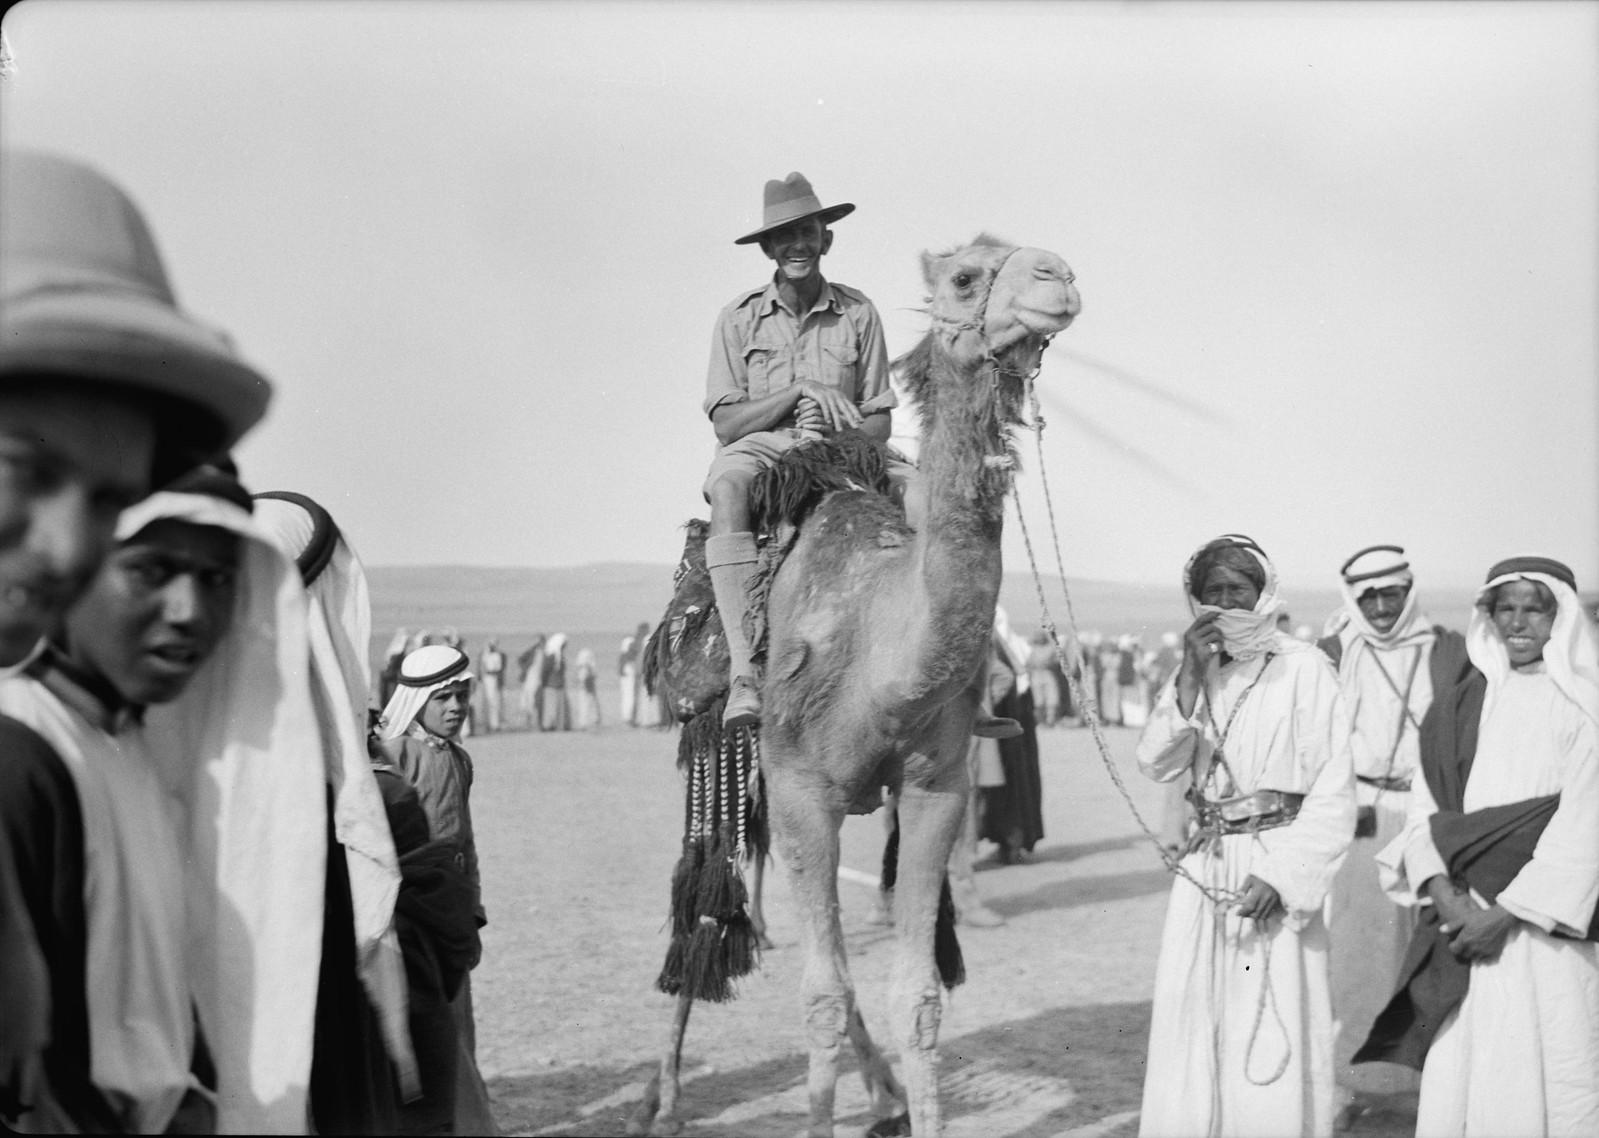 07. Австралийский солдат верхом на верблюде